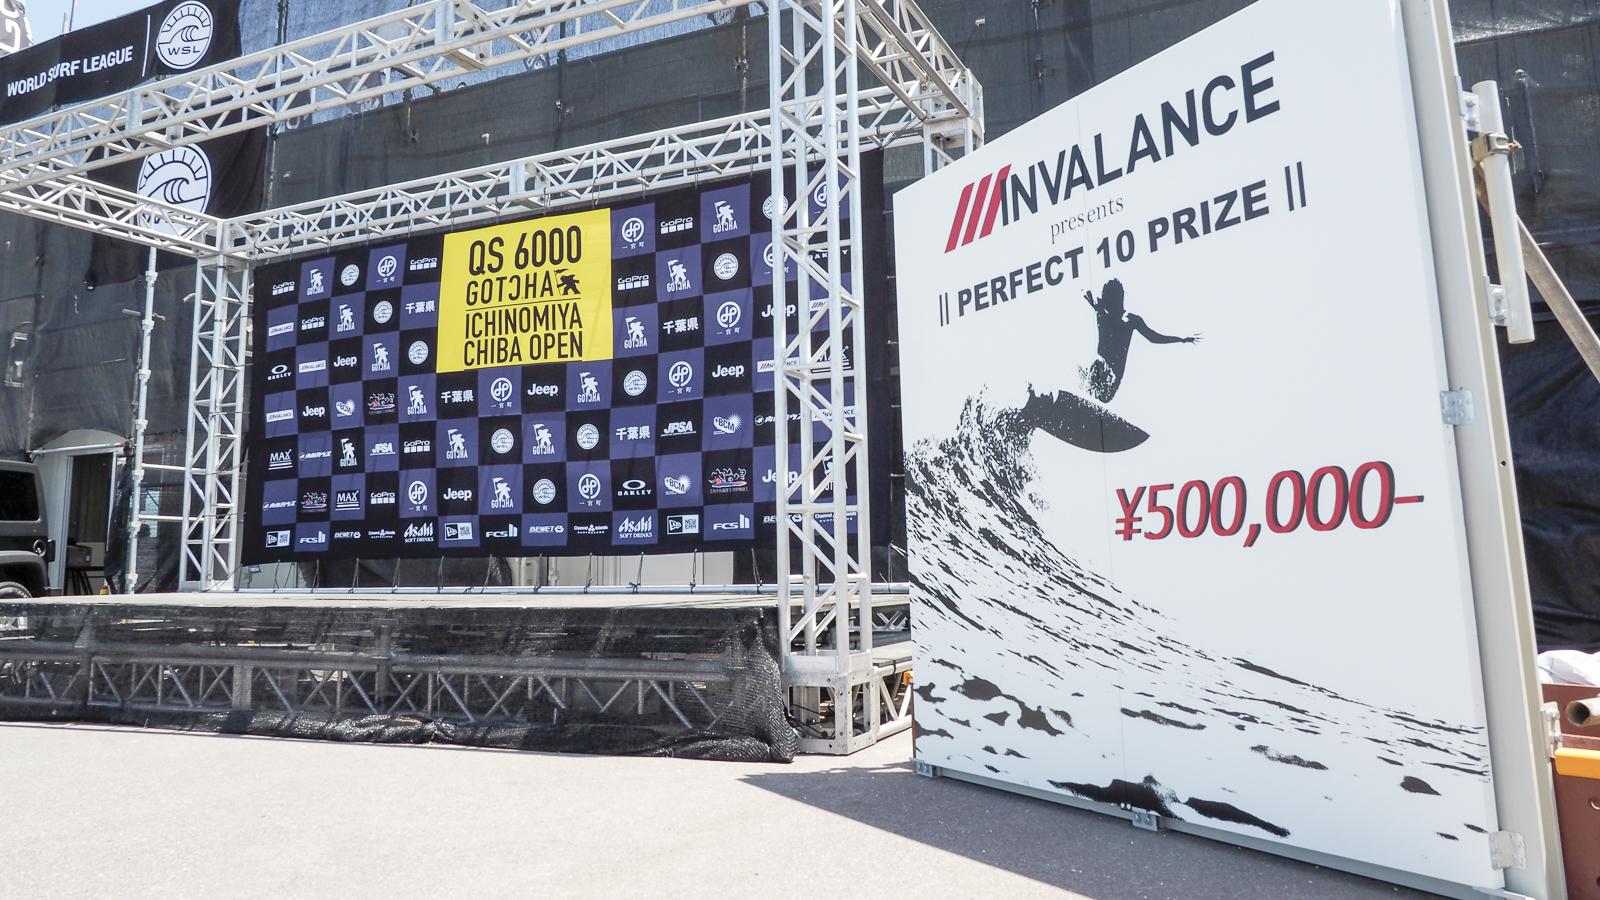 今年も10ポイント出したら、INVALANCEから50万円!